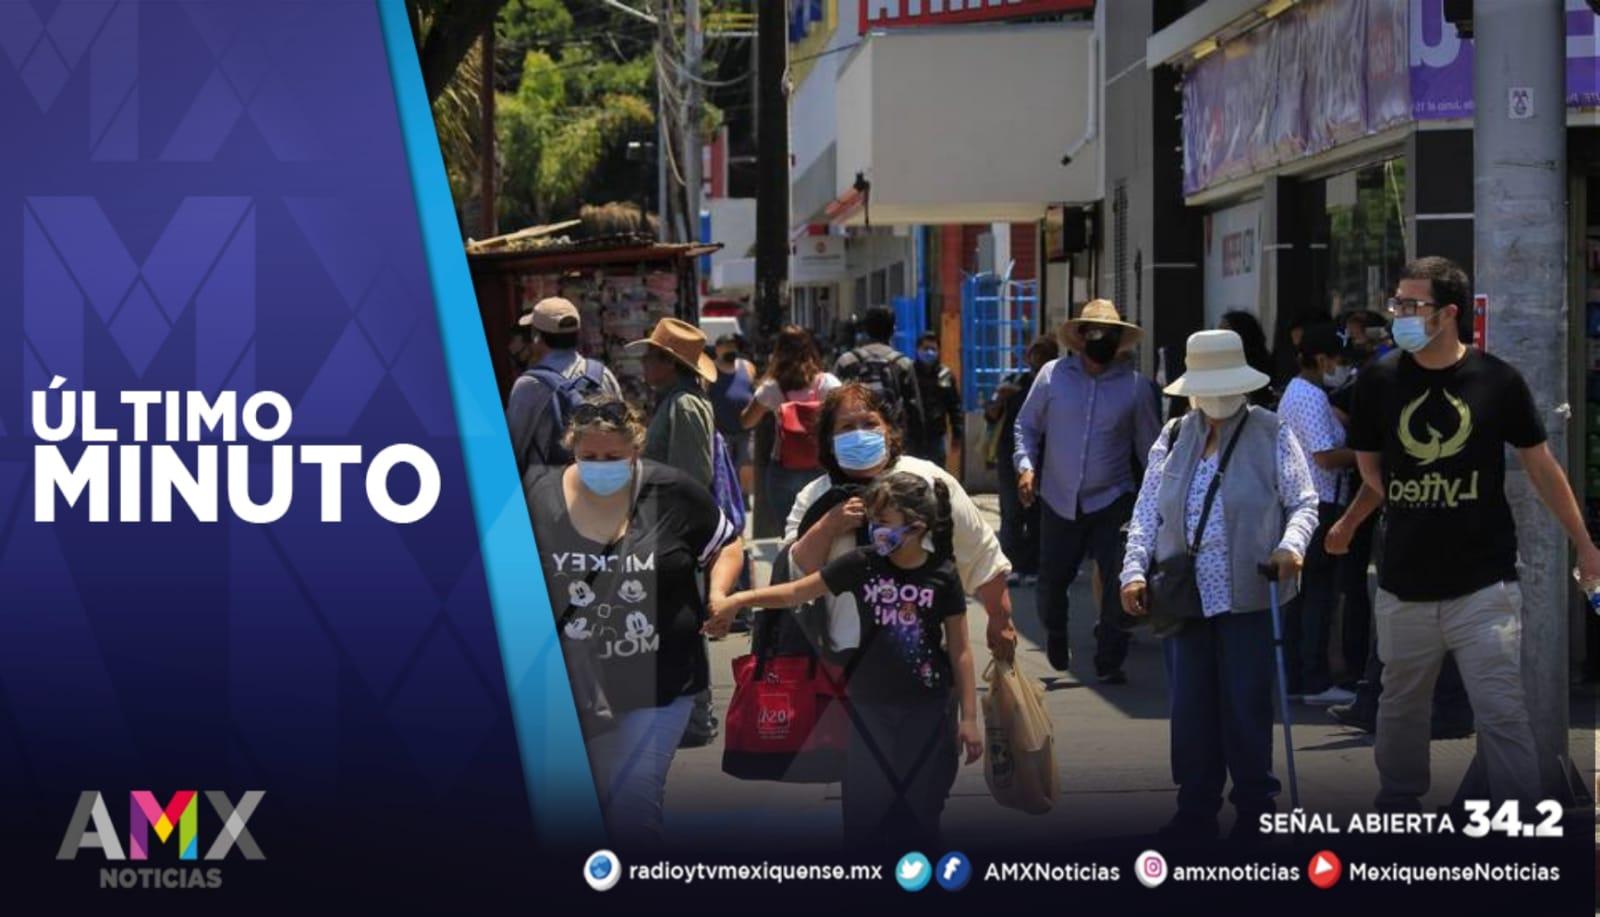 MÉXICO REGISTRA 2 MIL 384 NUEVOS CASOS DE COVID-19